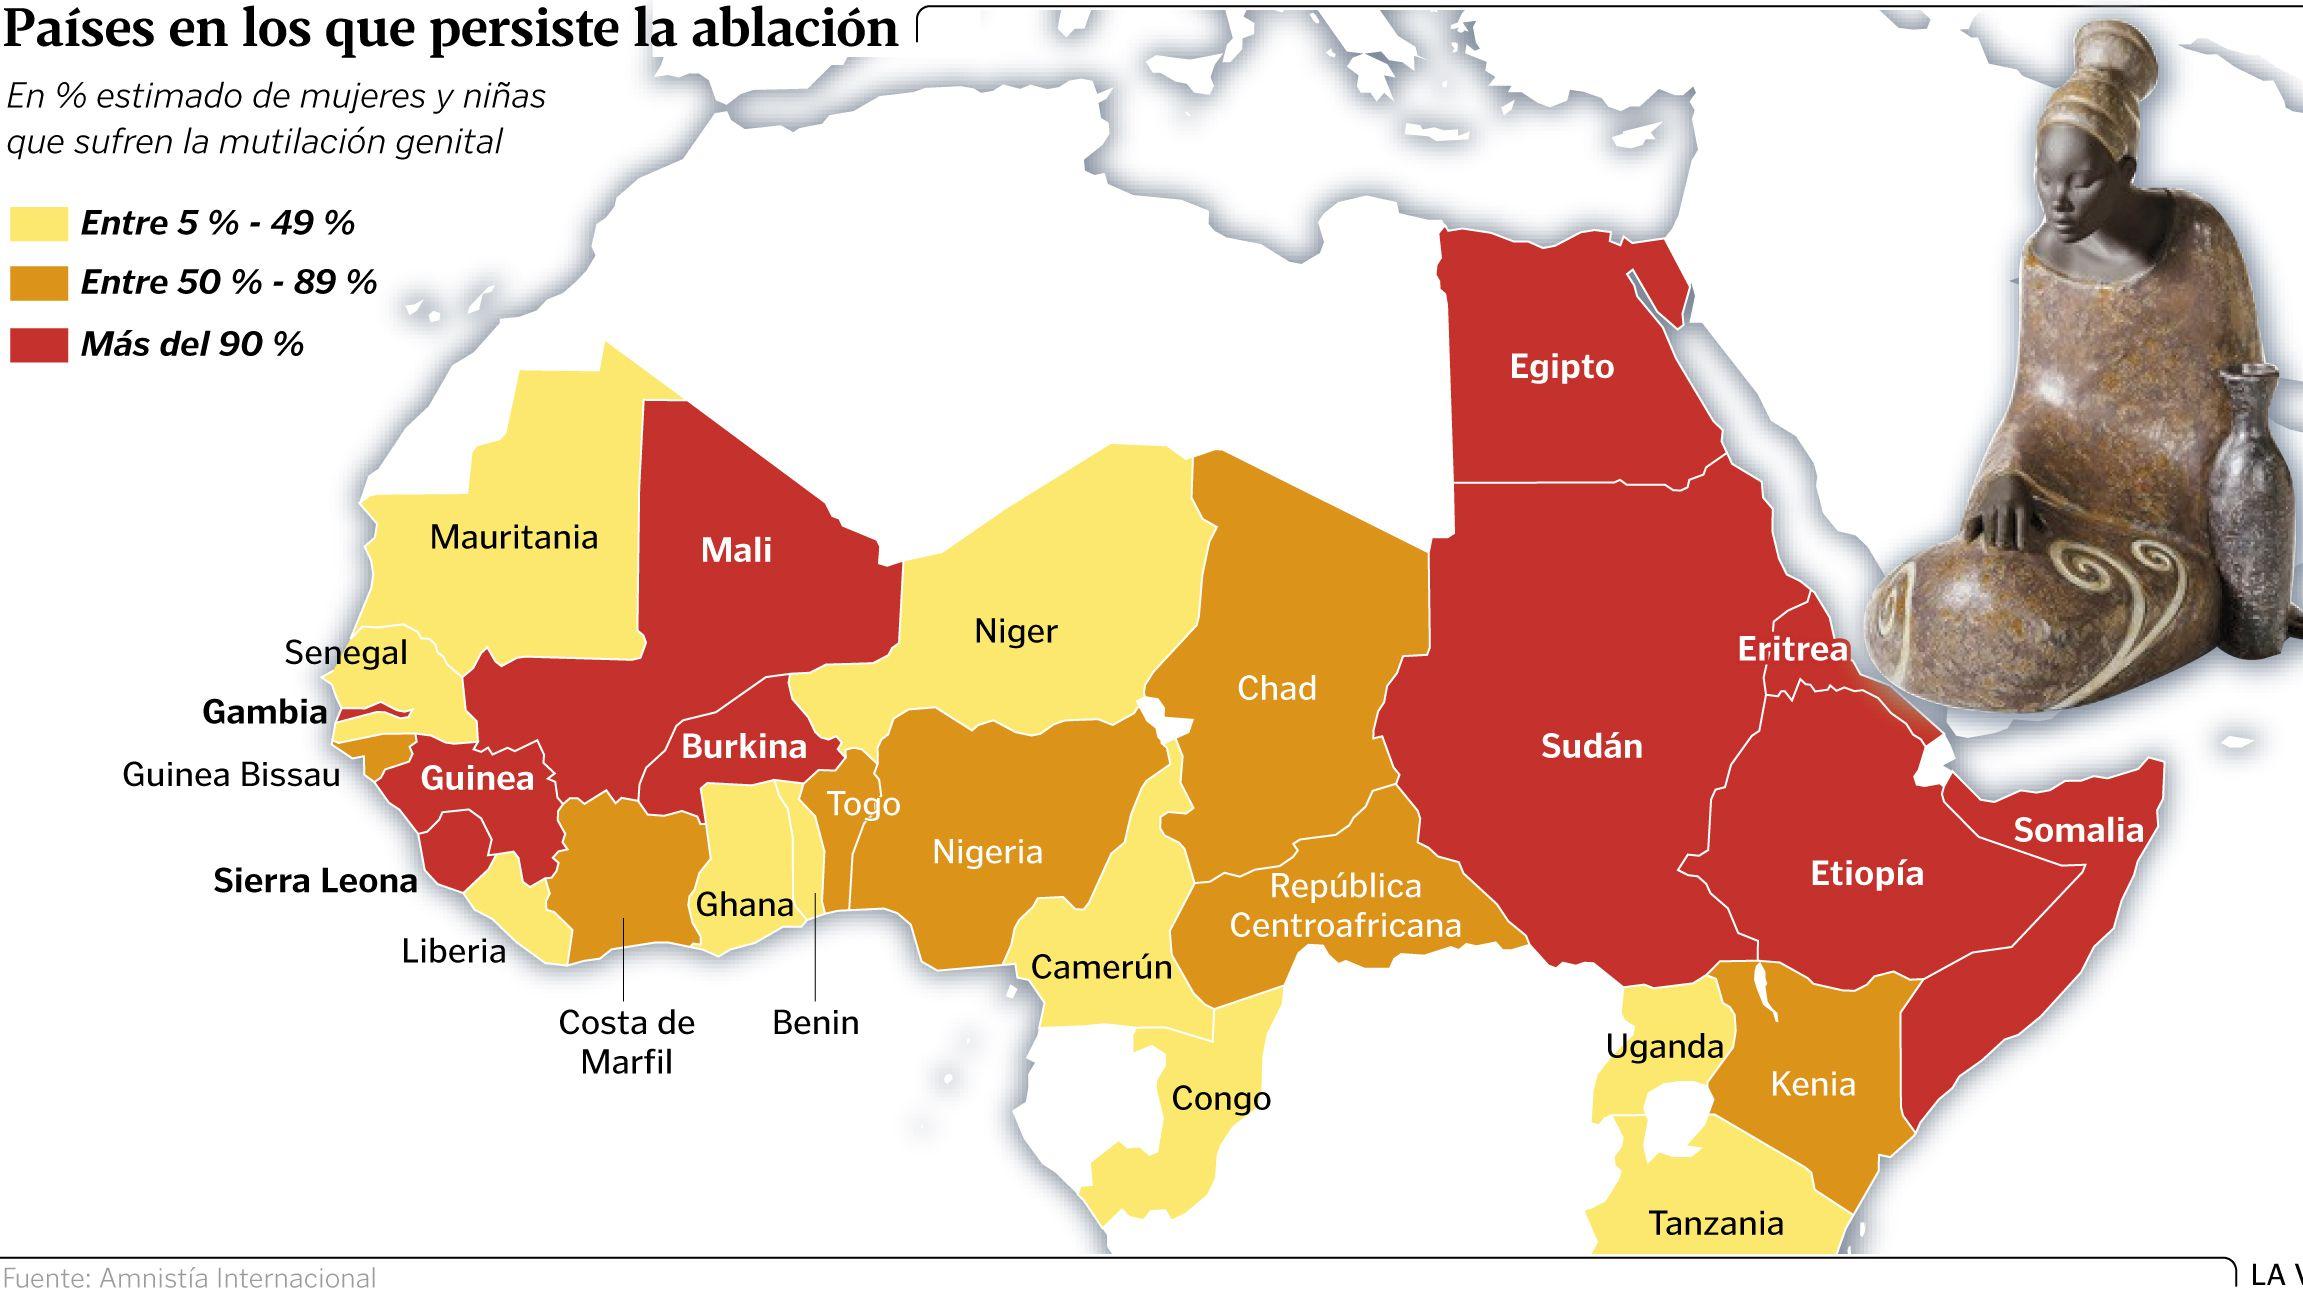 Países en los que persiste la ablación